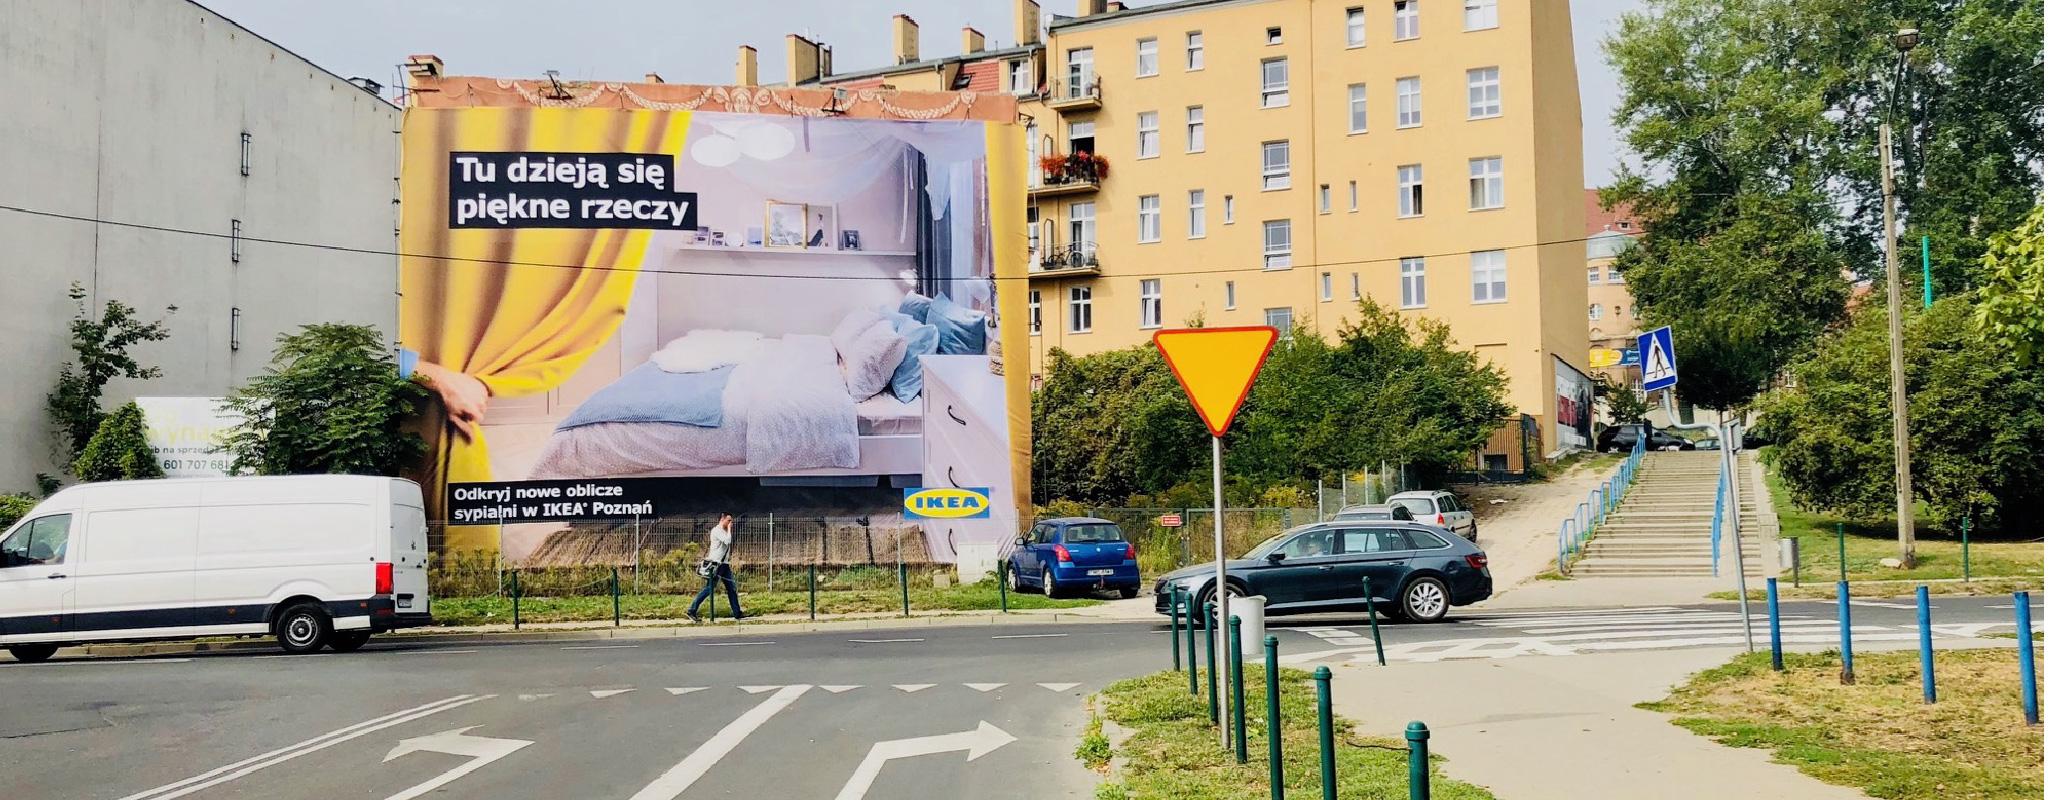 Duża powierzchnia reklamowa Dolna Wilda Wschód Ikea